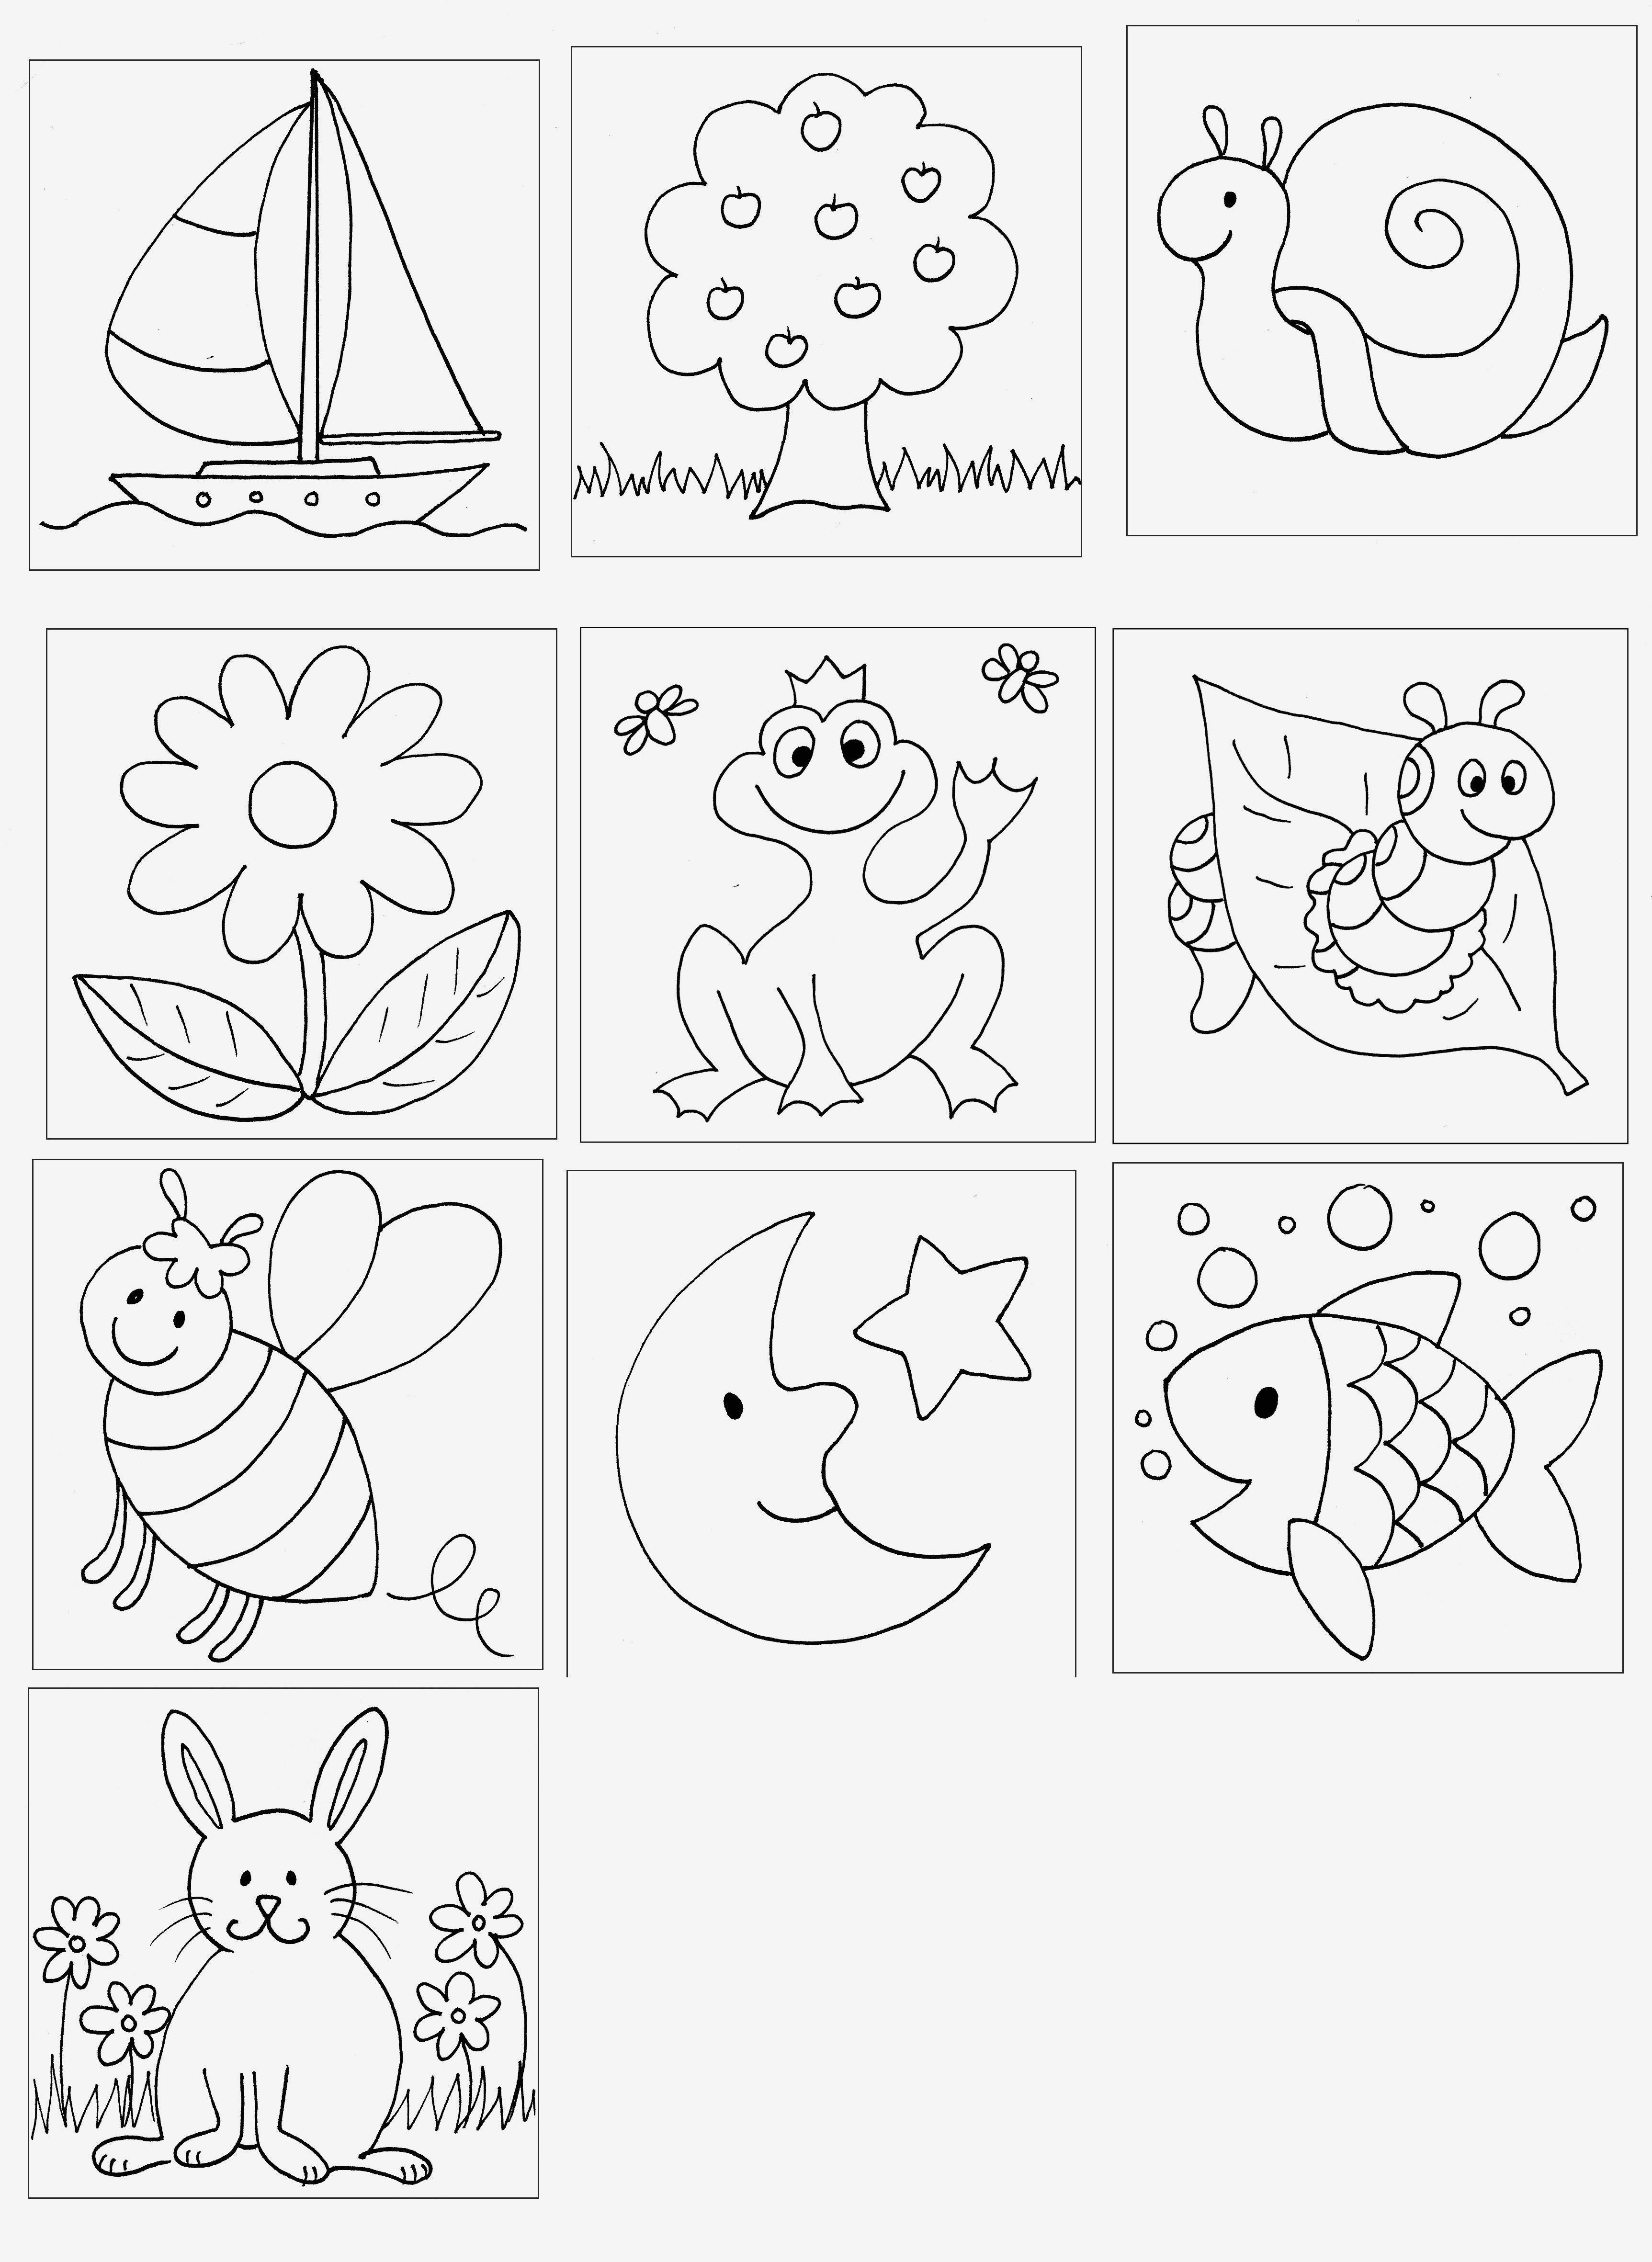 Ausmalbilder Hunde Baby Frisch Malvorlagen Katzen Und Hunde Beispielbilder Färben Hahn Malvorlagen Sammlung